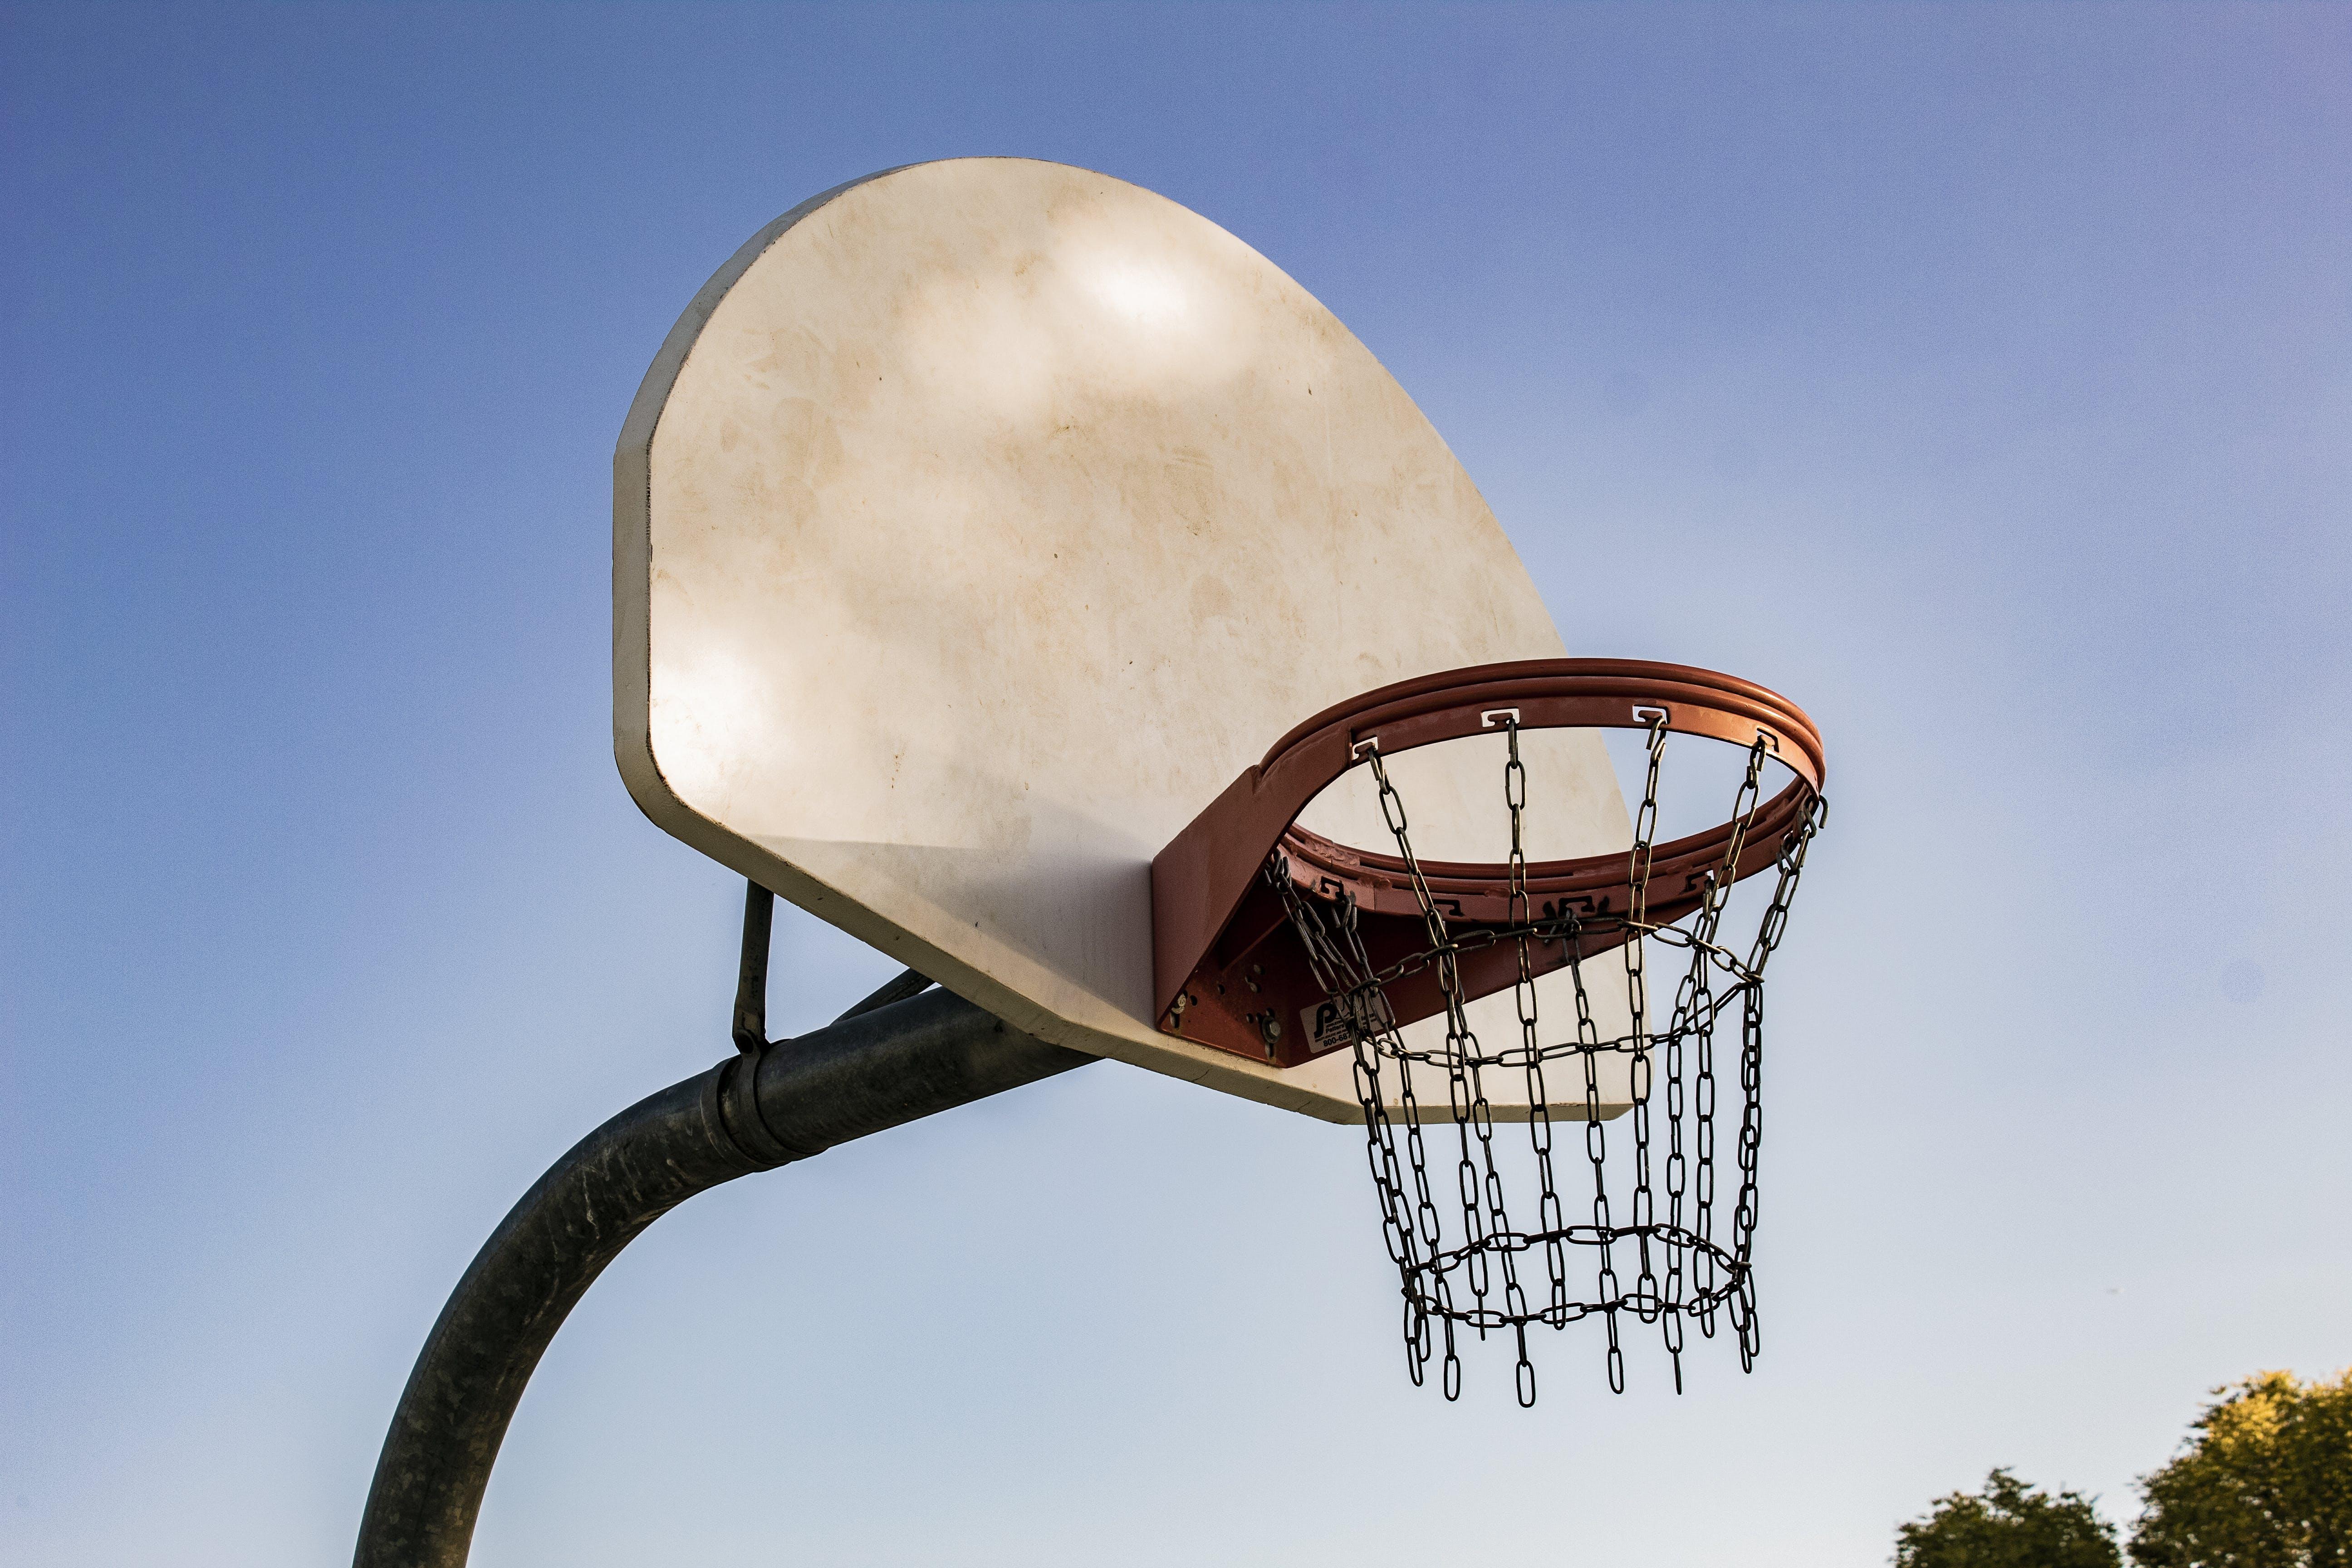 Безкоштовне стокове фото на тему «Баскетбольне кільце, баскетбольний кошик, гра, жаб'яча перспектива»